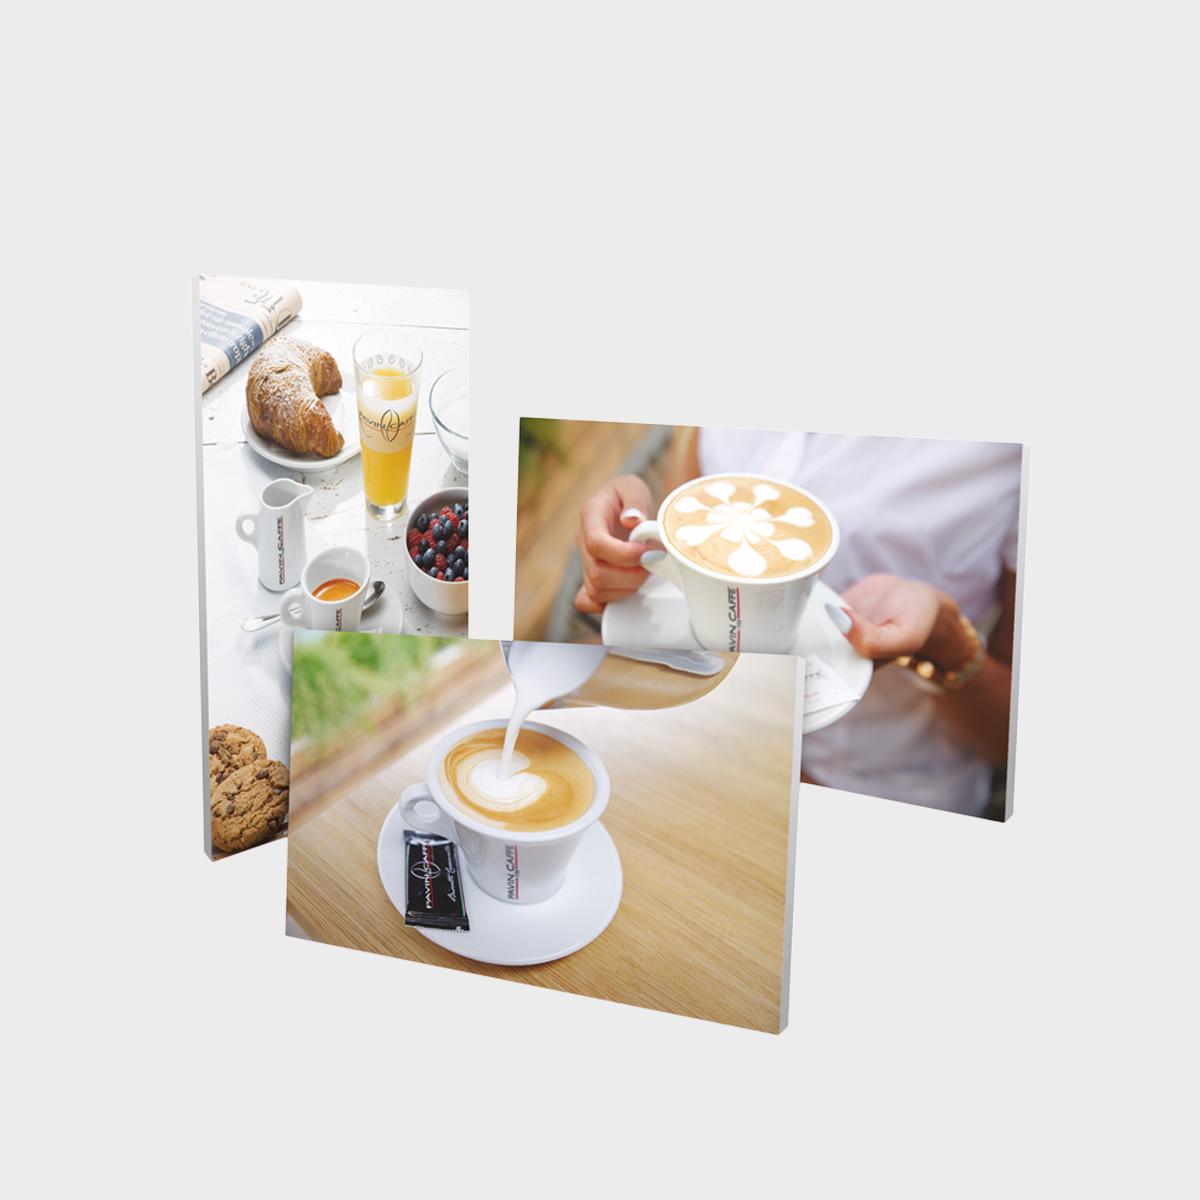 pannello-56-x-80-cm-pavin-caffe